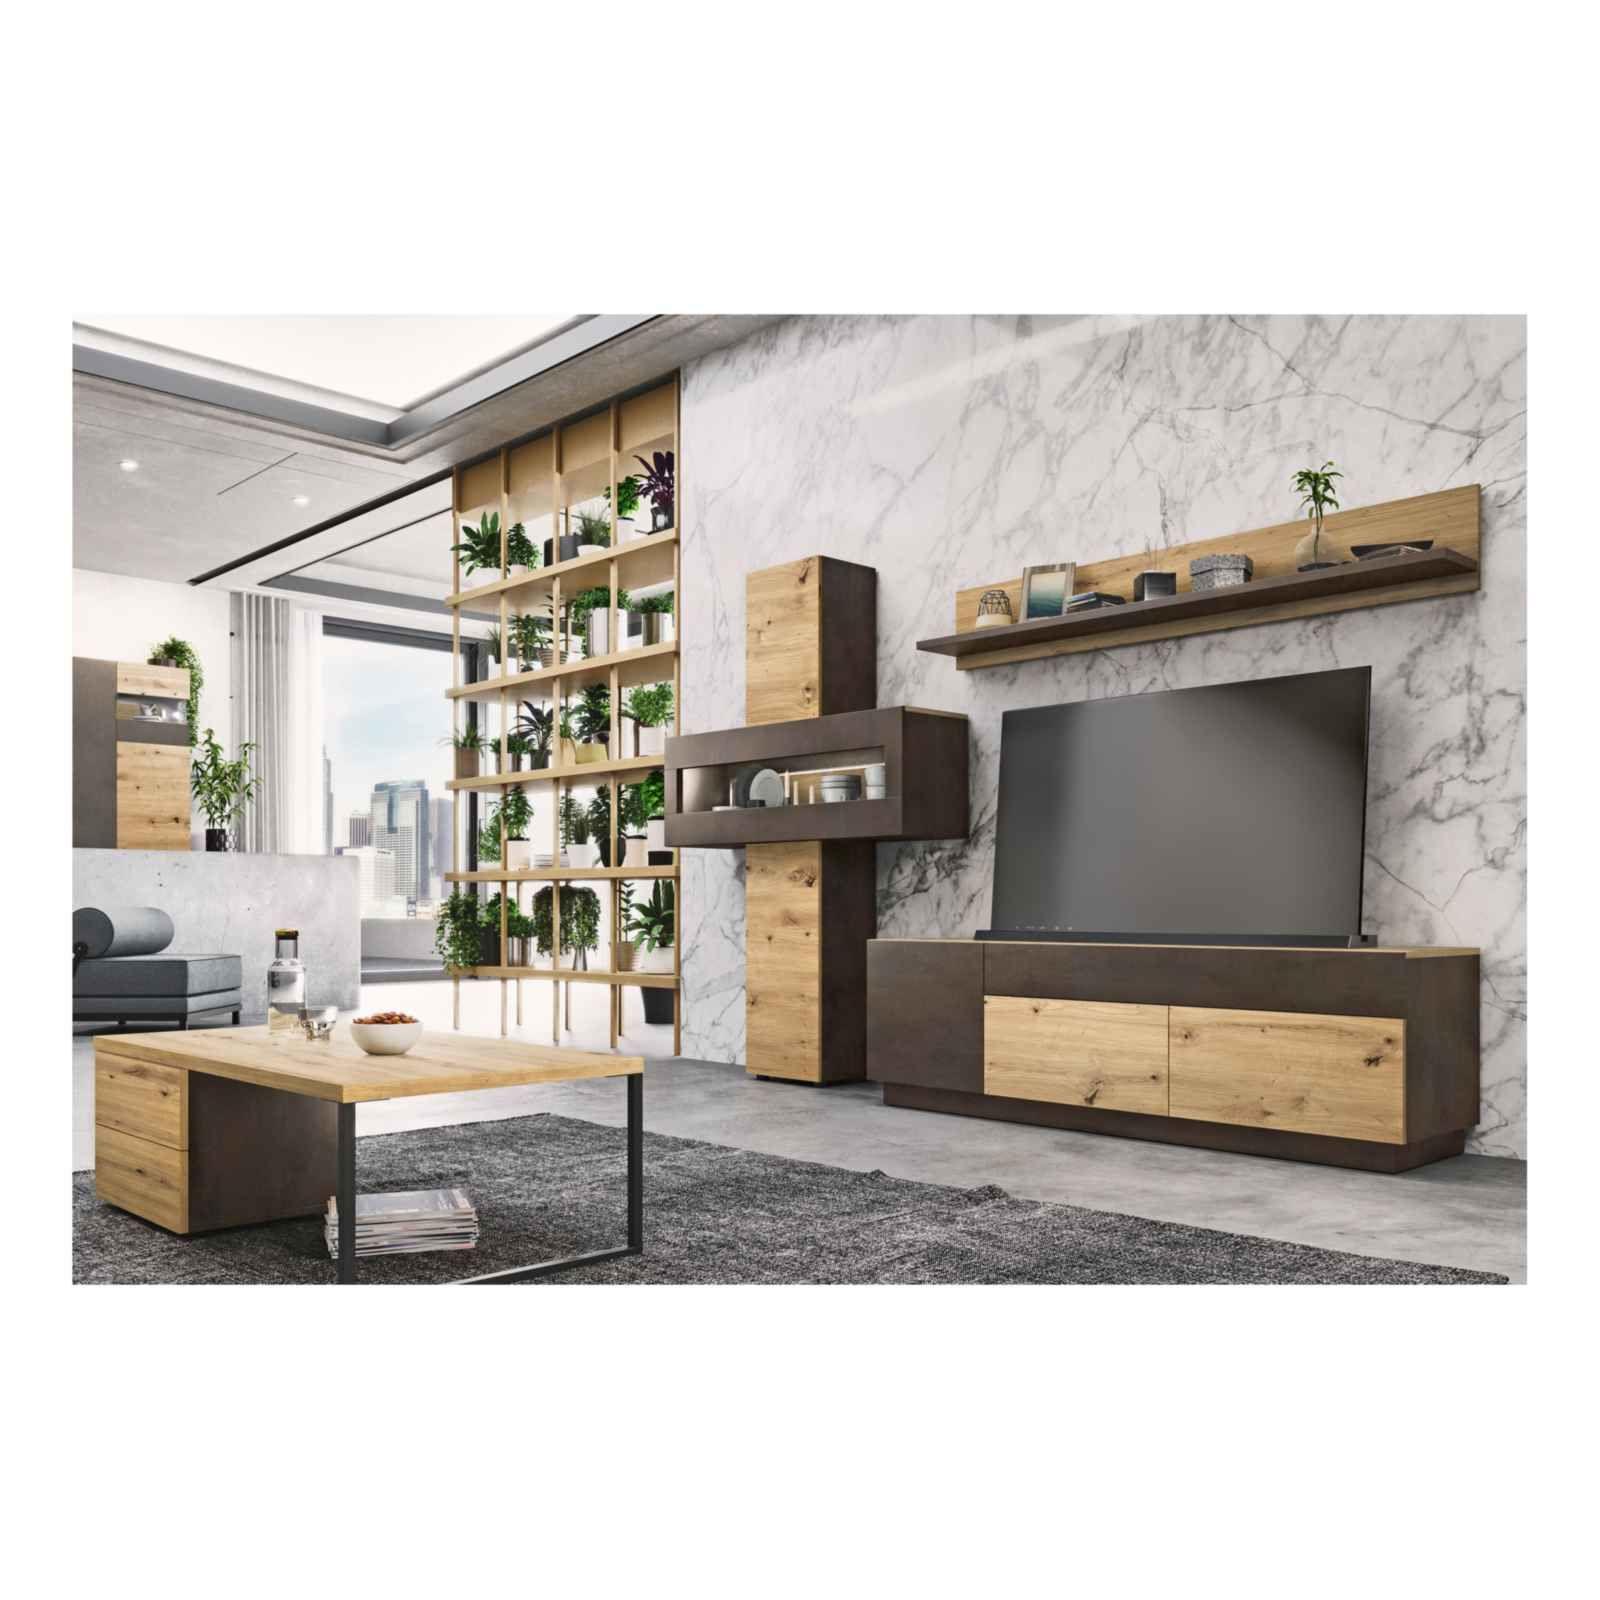 meubles tv boba decor artisanal chene rouille